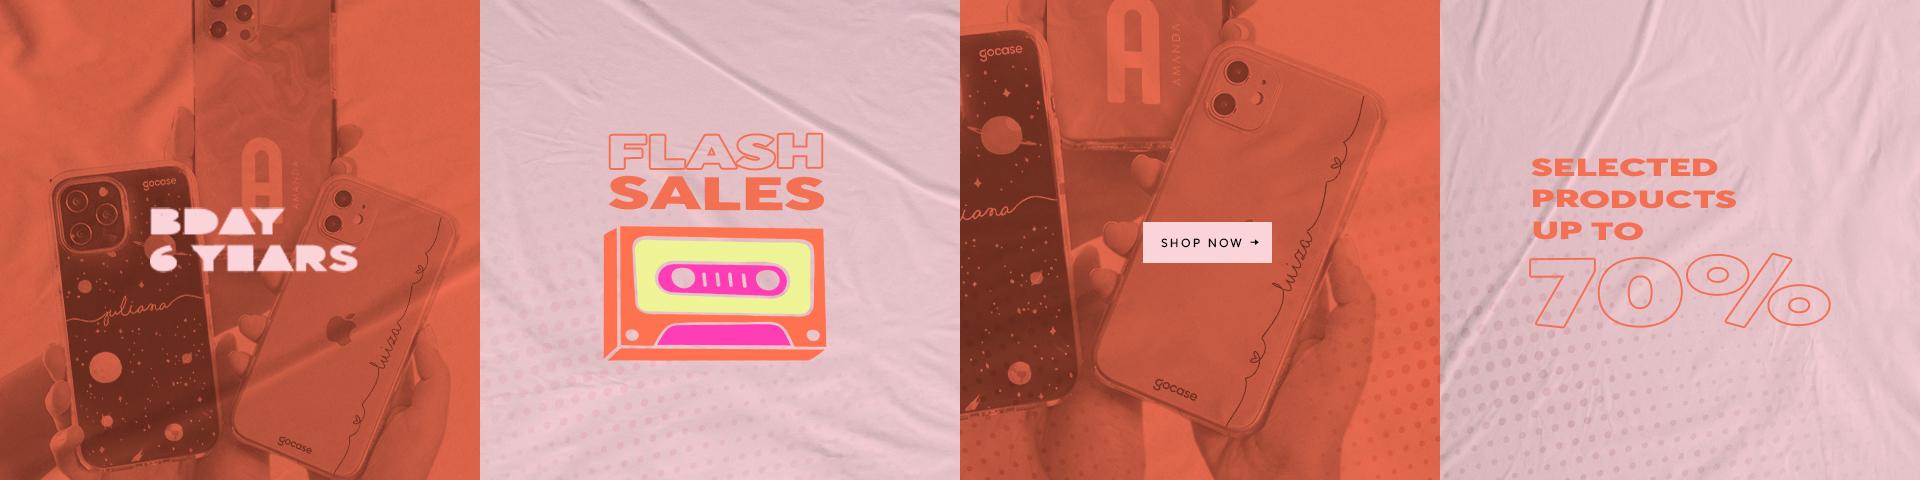 Flash Sales BDAY